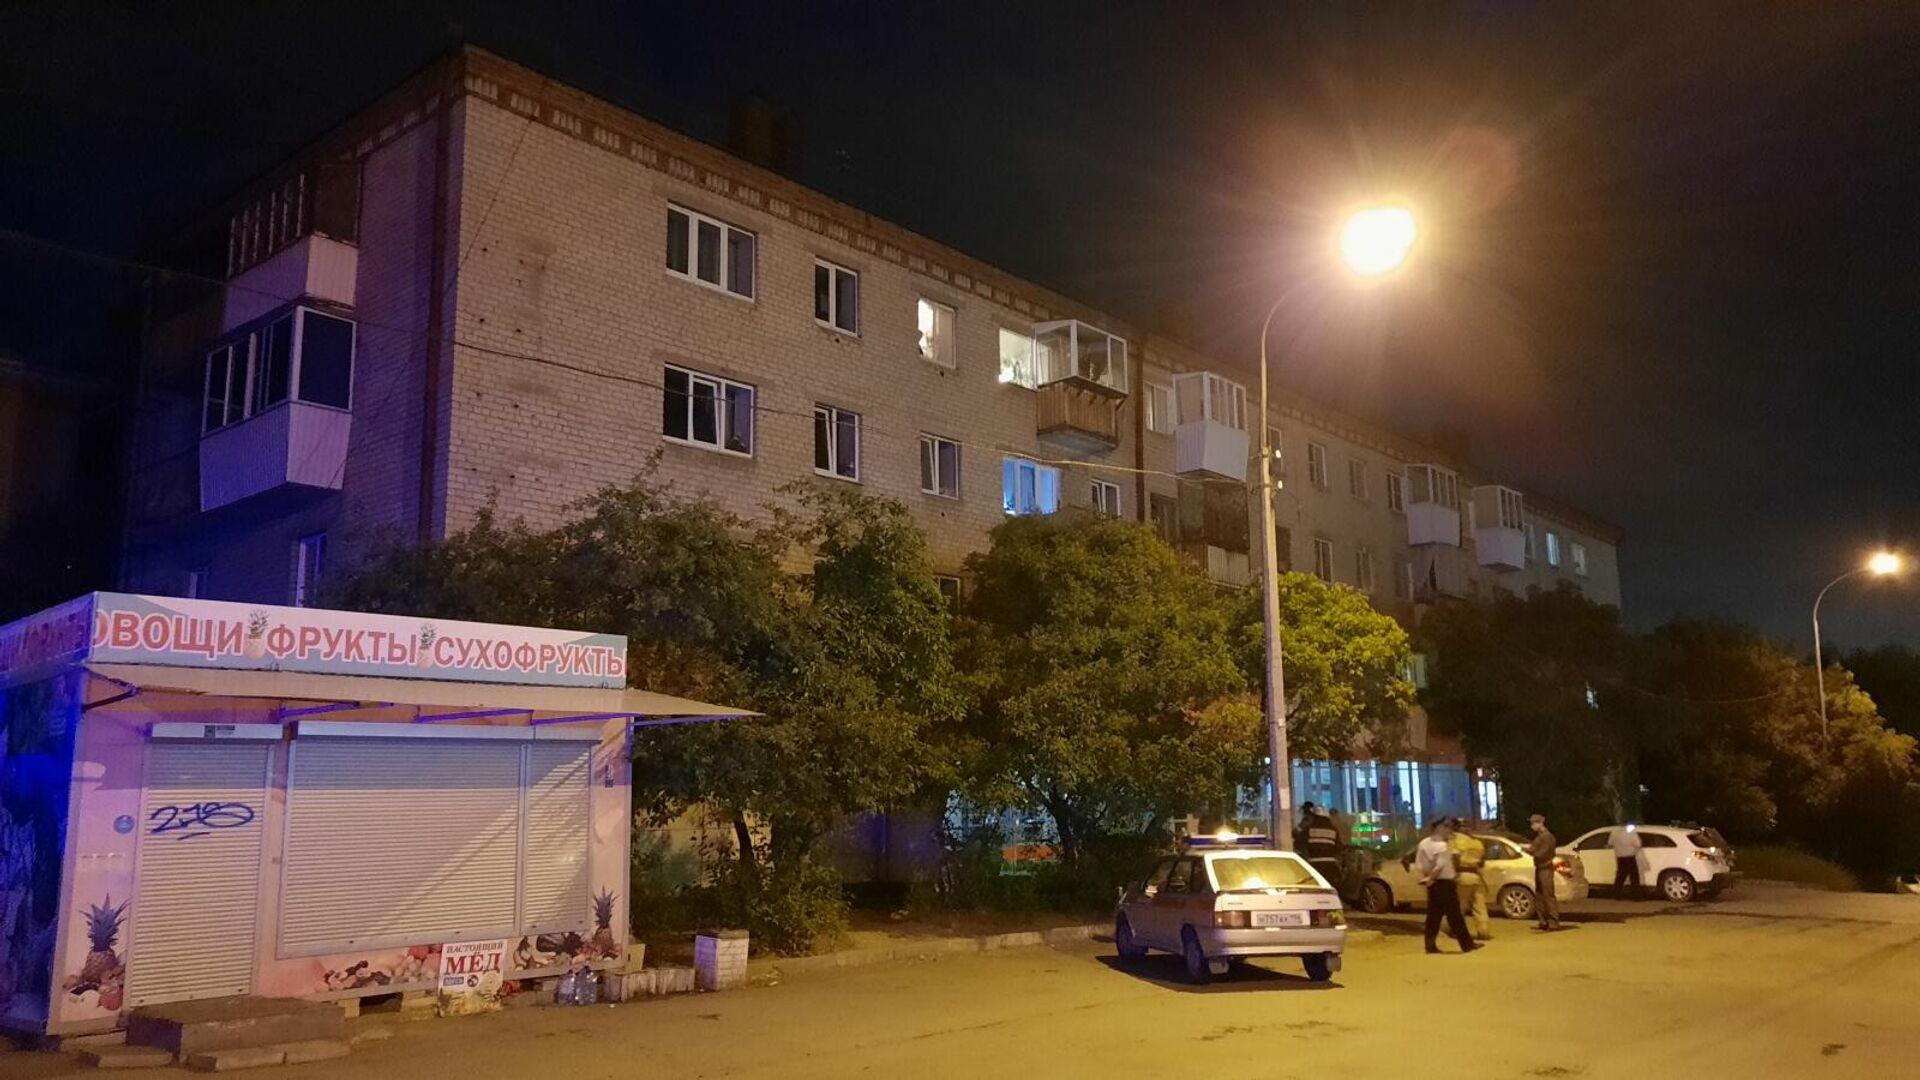 В Екатеринбурге мужчина, произвел выстрелы из охотничьего карабина по находившимся во дворе дома людям  - РИА Новости, 1920, 31.05.2021